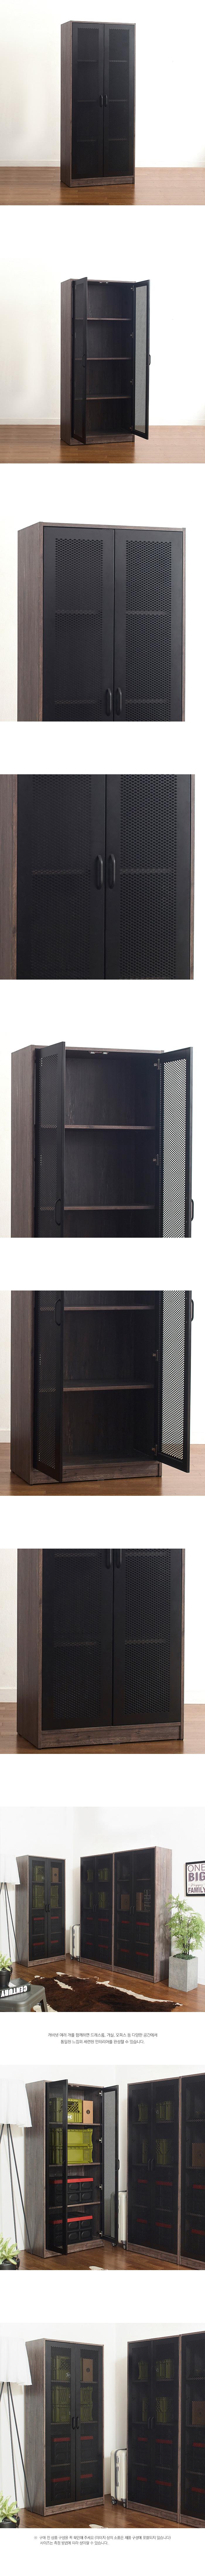 Amberg-Metal-Door_Cabinet_200914-3.jpg